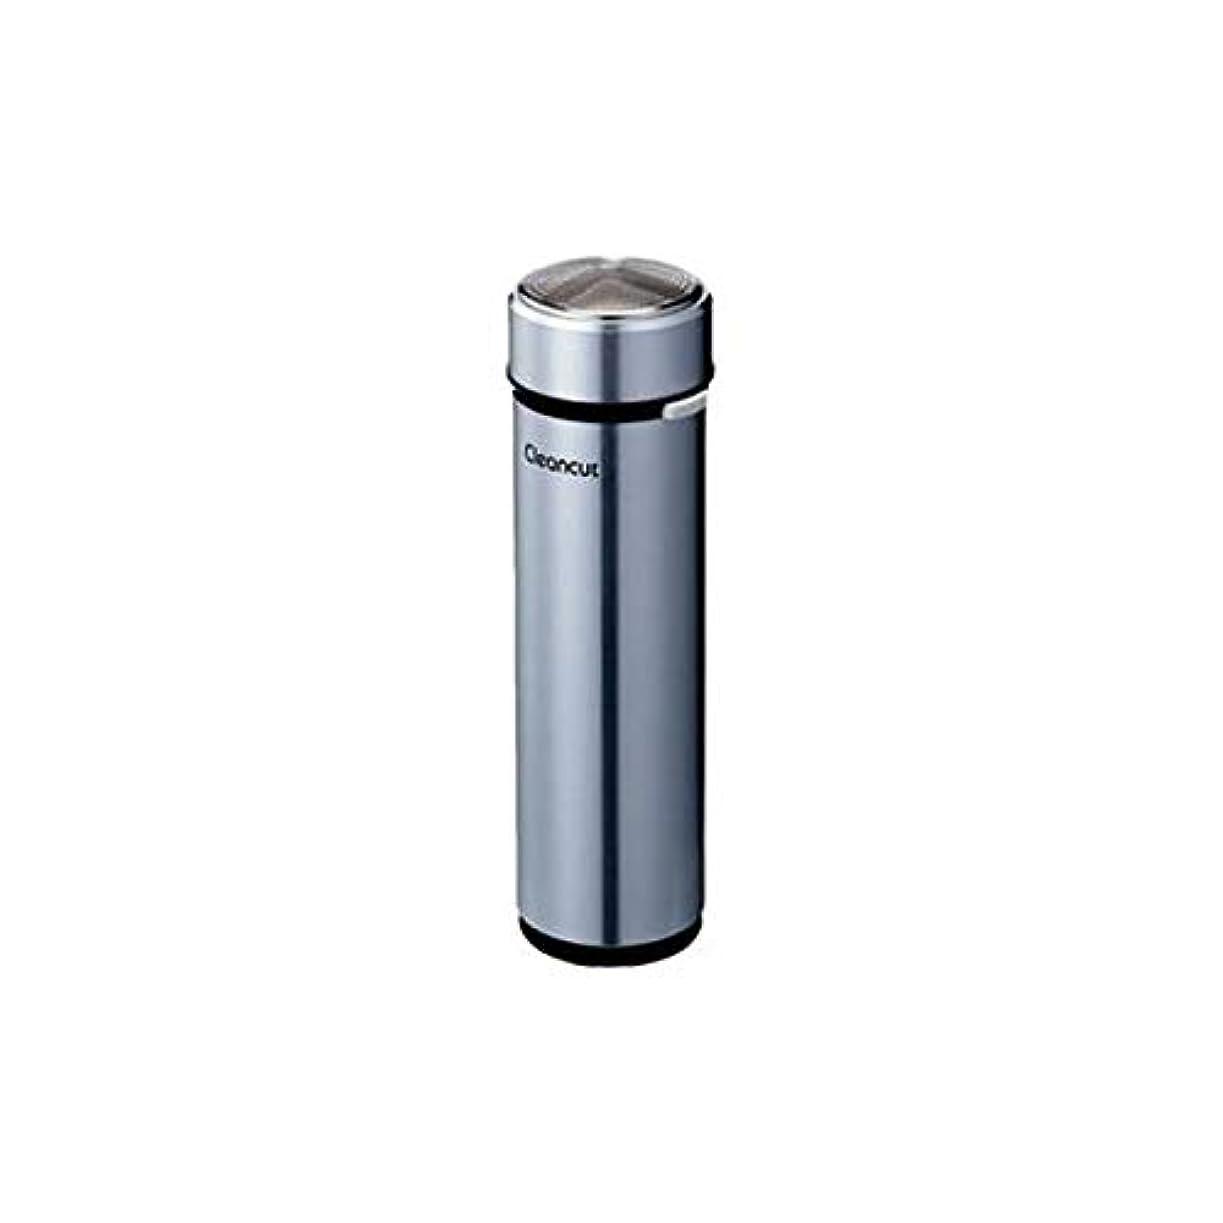 (まとめ)泉精器製作所 クリーンカット回転式シェーバー シルバー IZF-210U-S 1台【×3セット】 家電 生活家電 シェーバー 14067381 [並行輸入品]